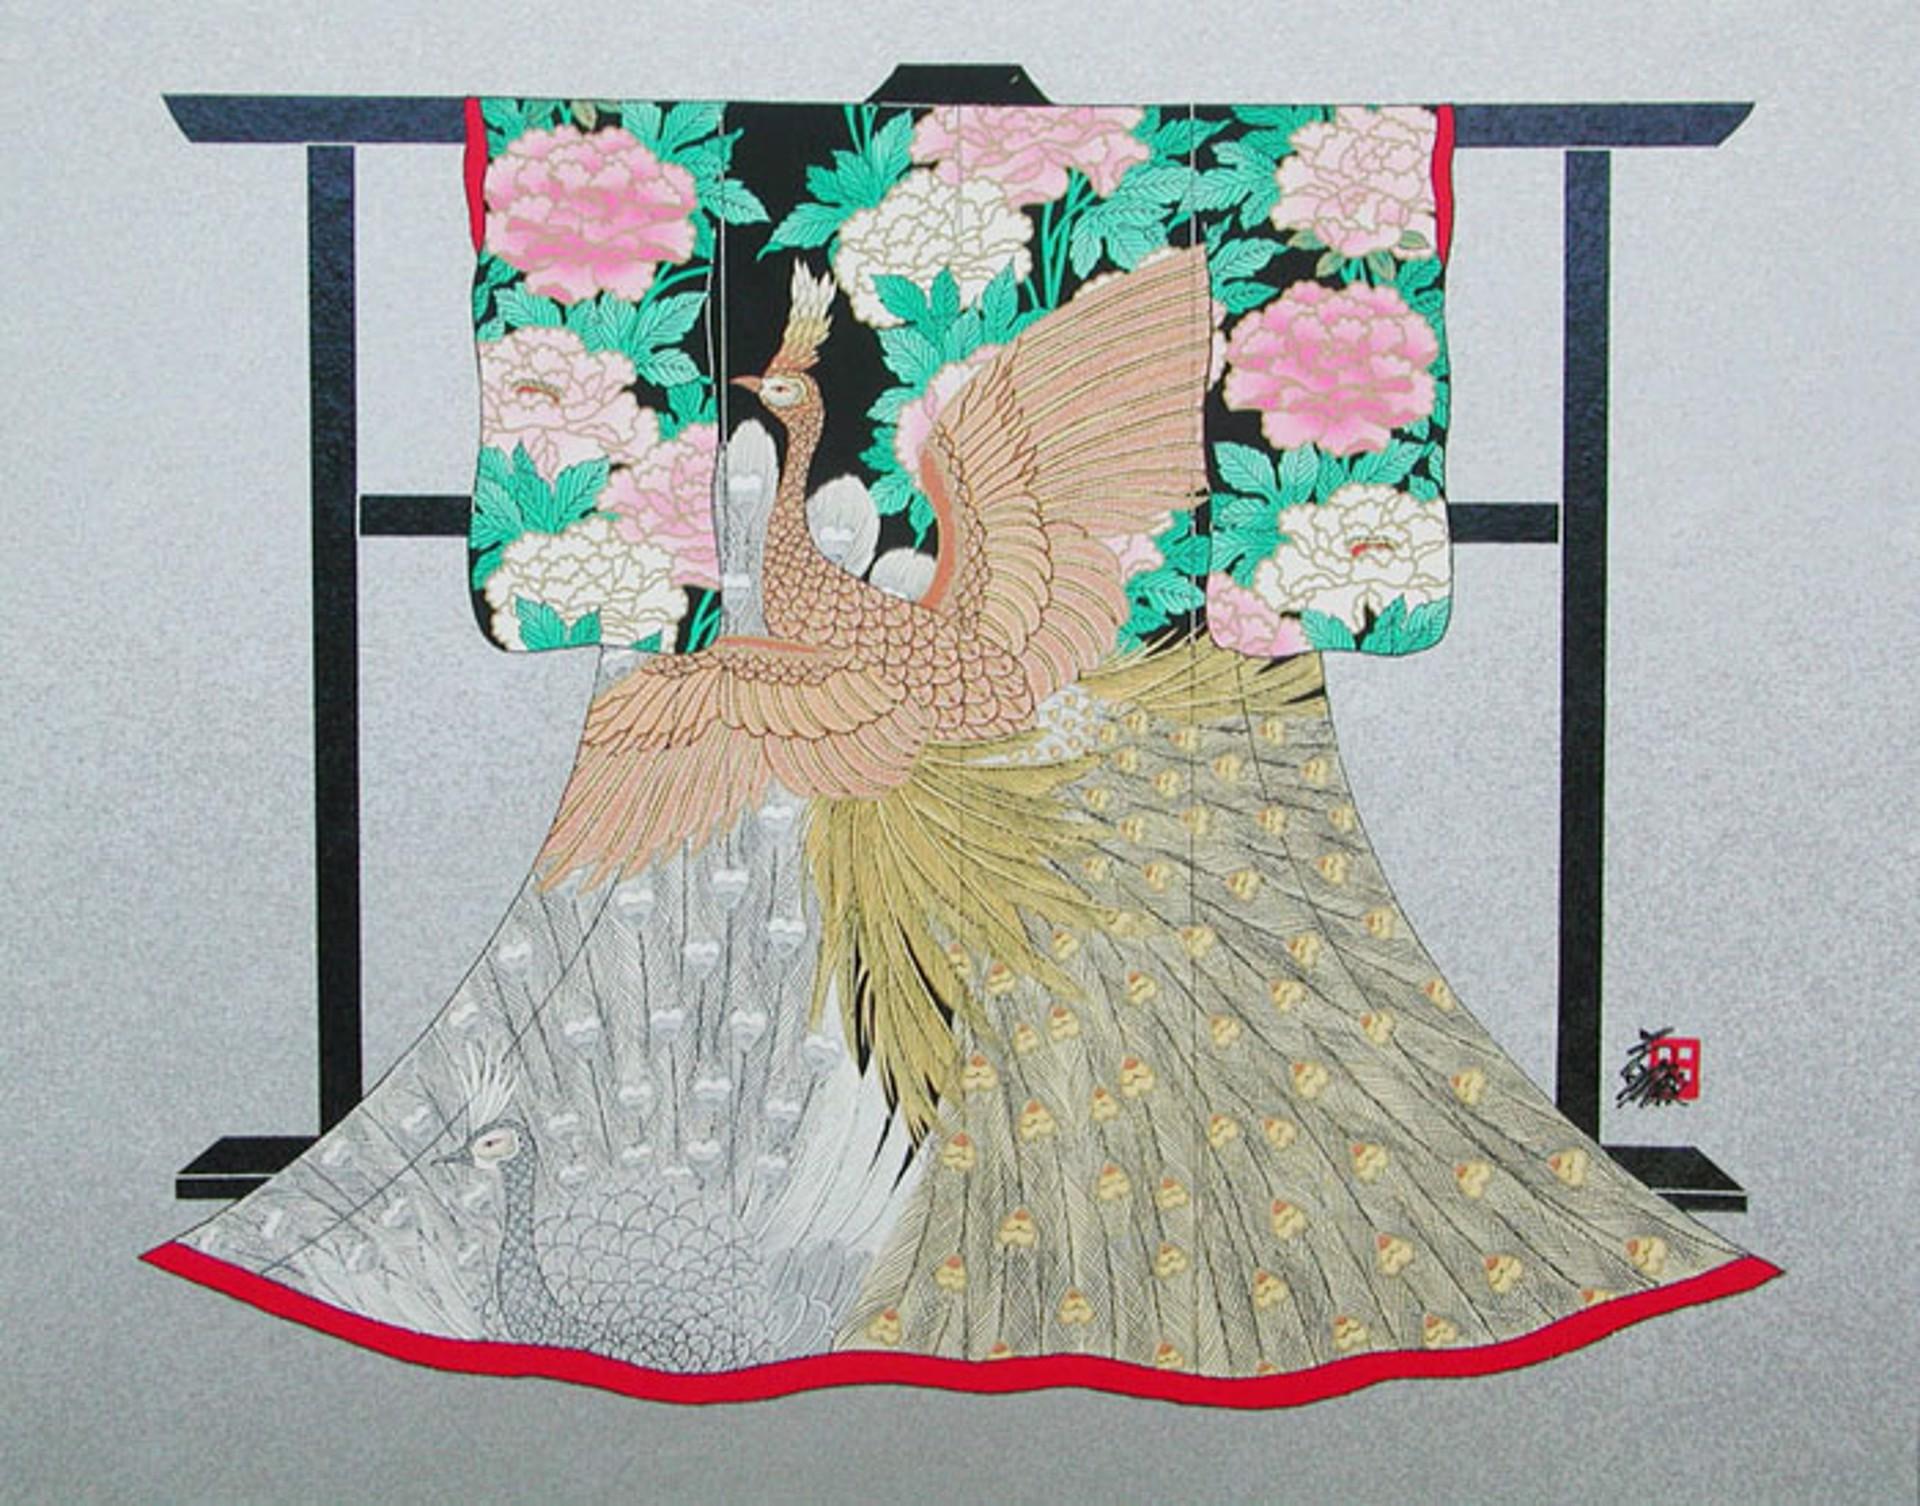 Peace by Hisashi Otsuka